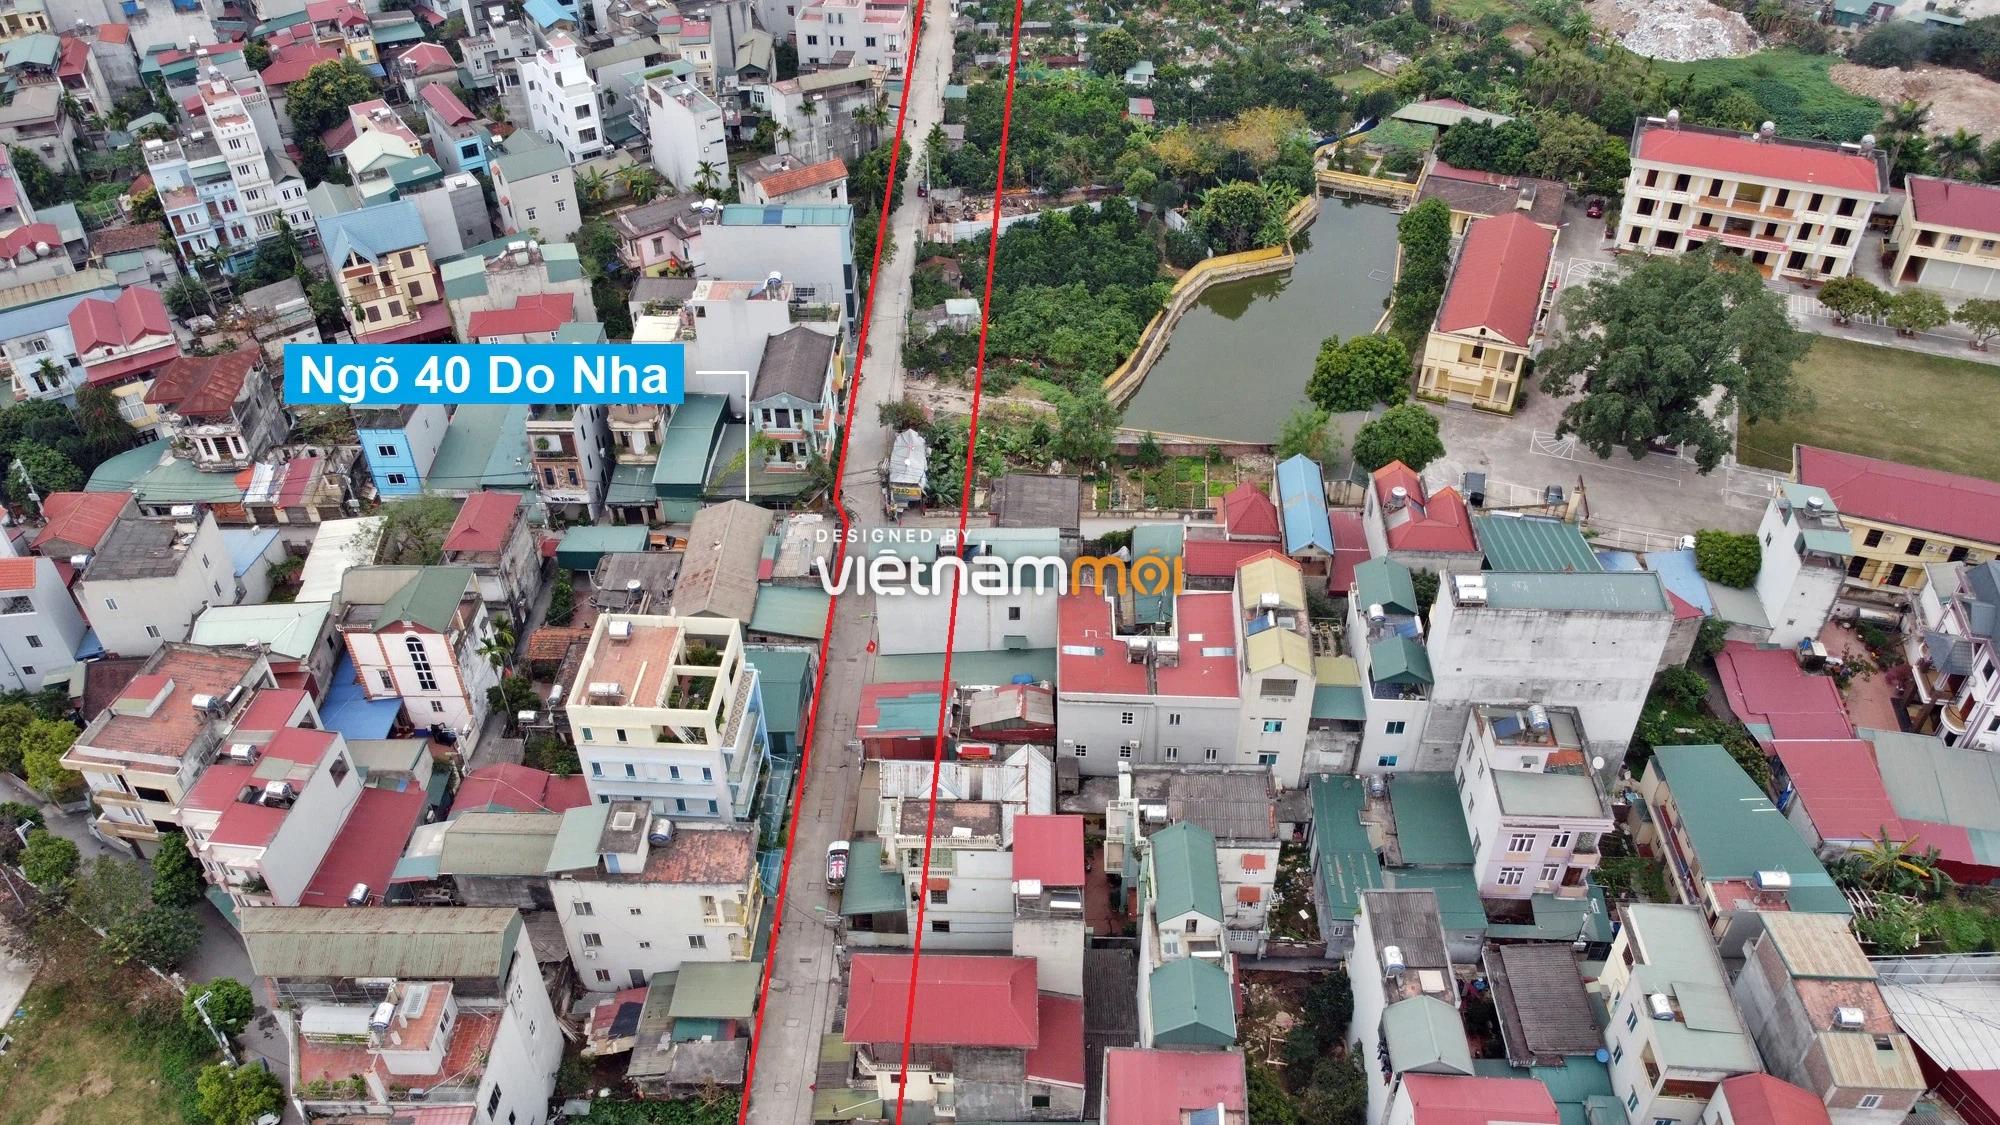 Những khu đất sắp thu hồi để mở đường ở phường Tây Mỗ, Nam Từ Liêm, Hà Nội (phần 6) - Ảnh 15.